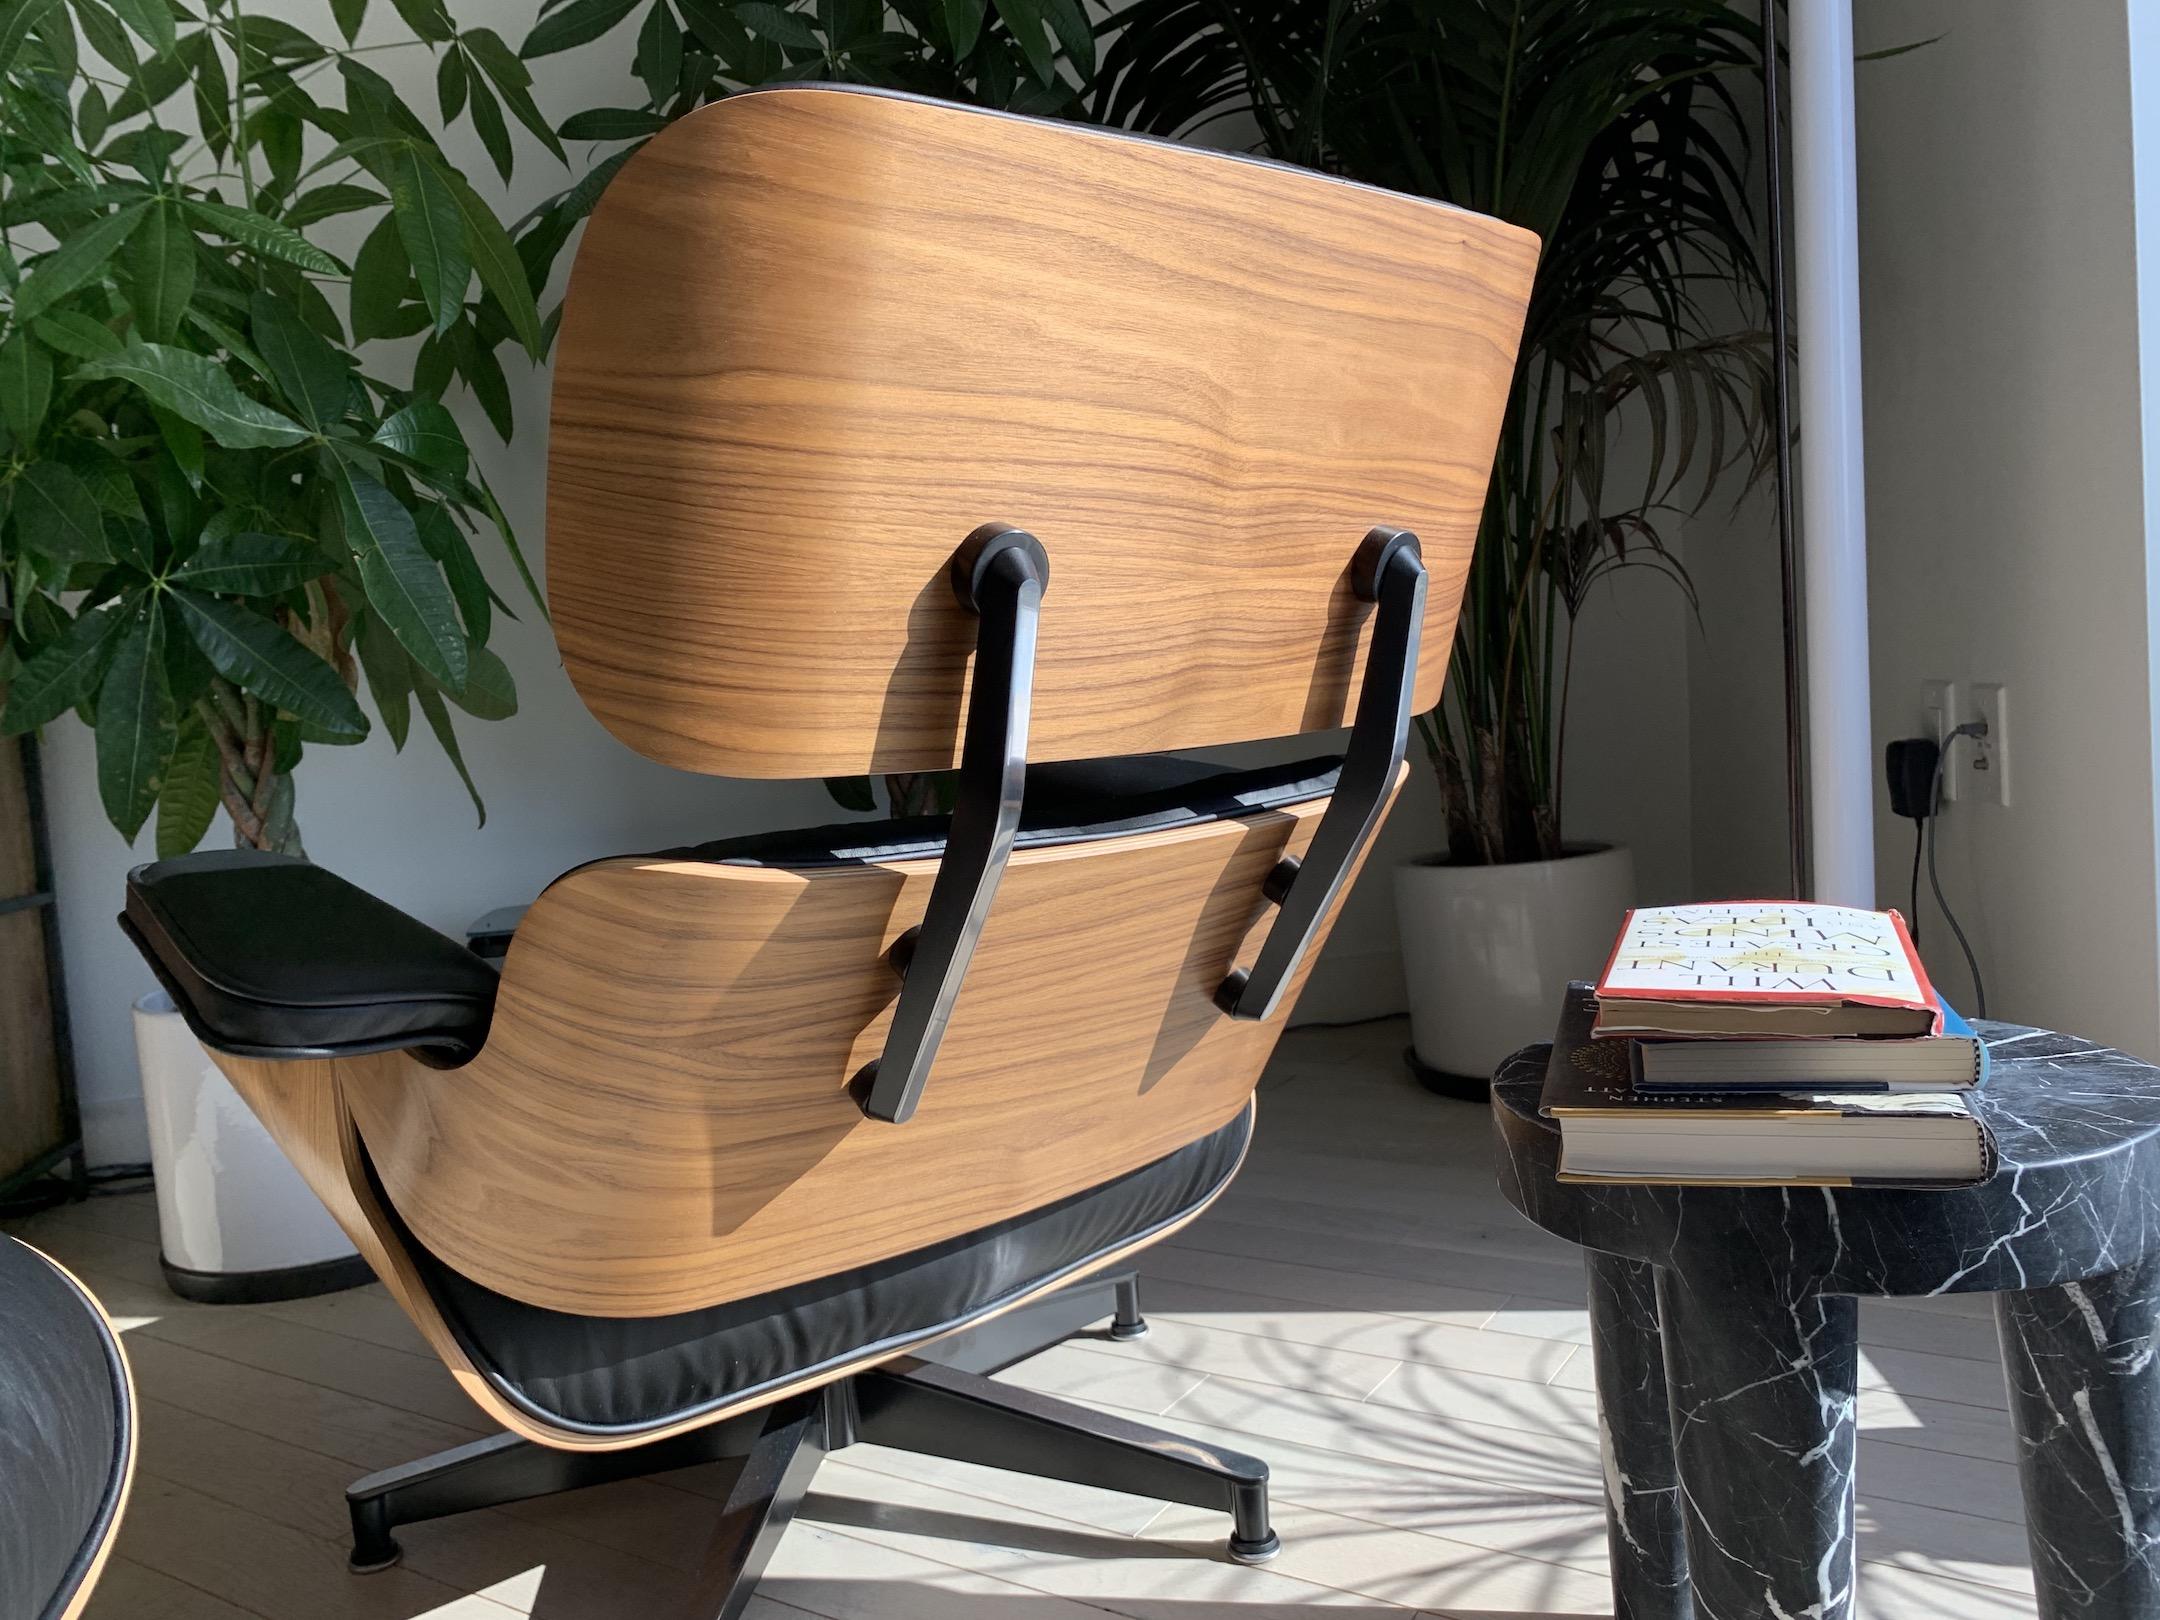 Black 2020 Herman Miller Eames Lounge Chair & Ottoman